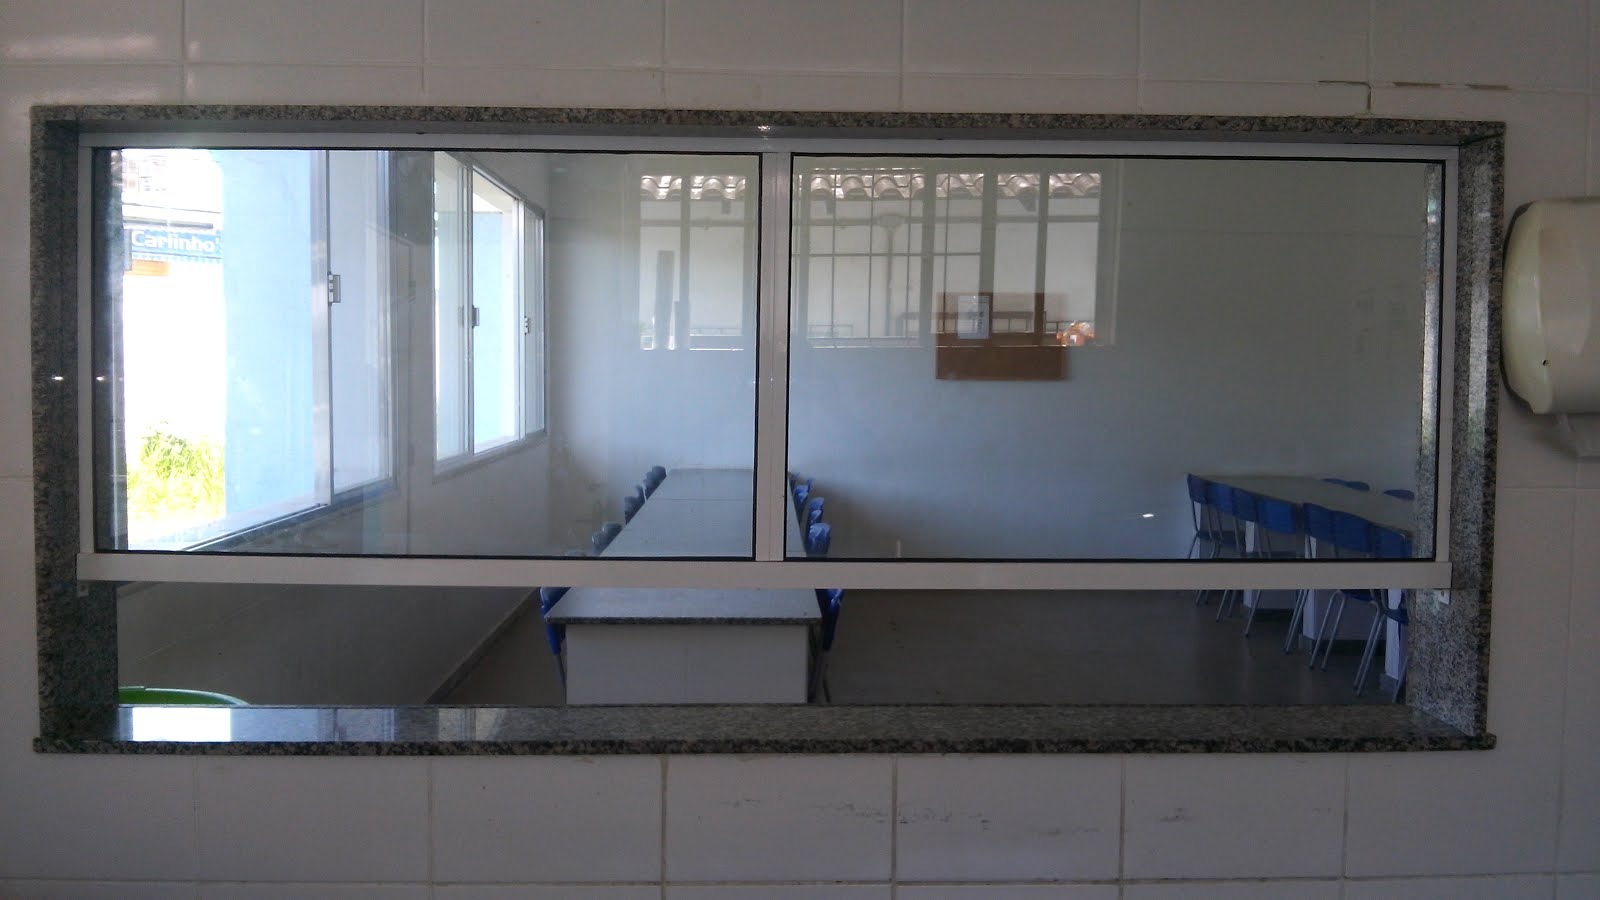 Instalação de vidro e moldura em refeitório da Escola Estadual  #3E758D 1600x900